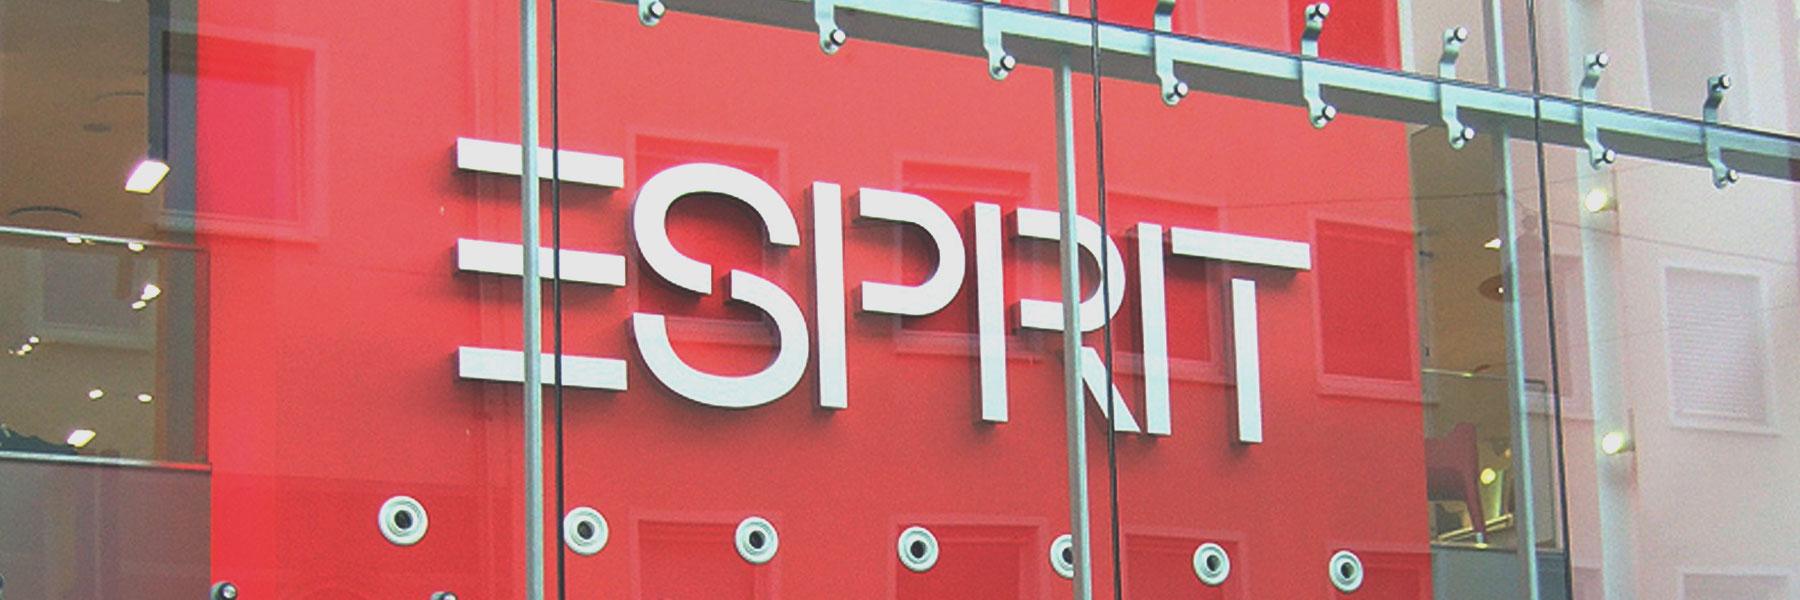 Gibt-es-einen-Esprit-Online-Shop_1800x600.jpg